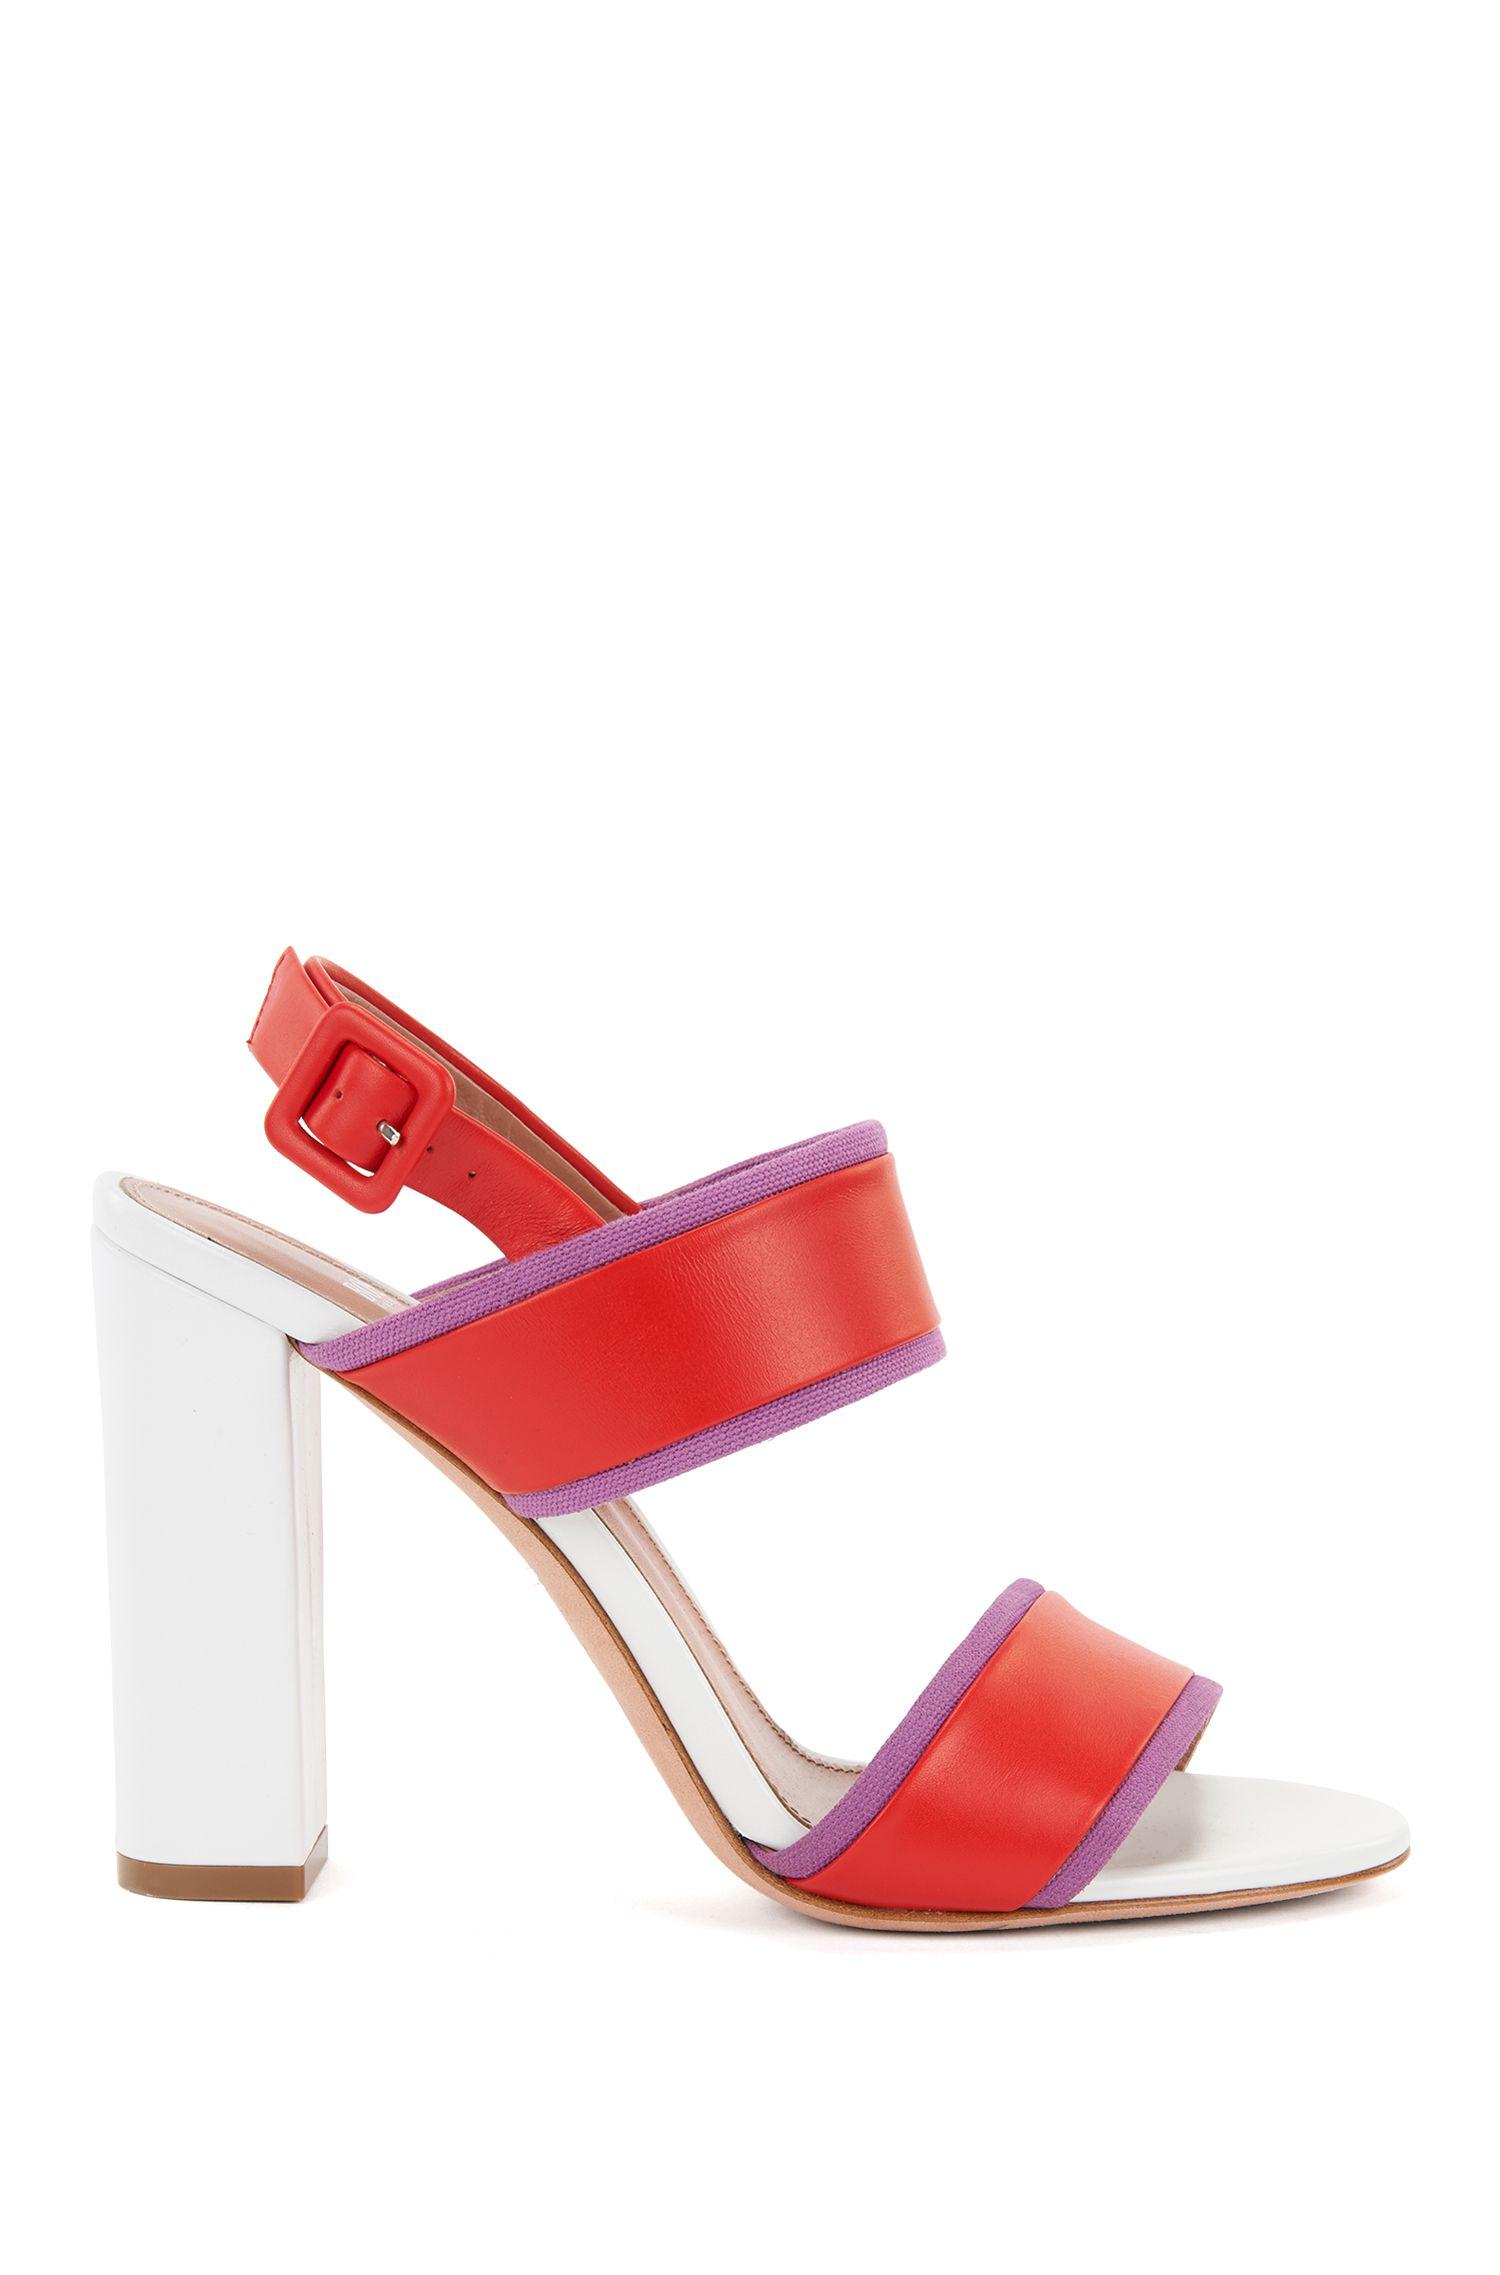 Sandali in pelle realizzata in Italia con tacco quadrato